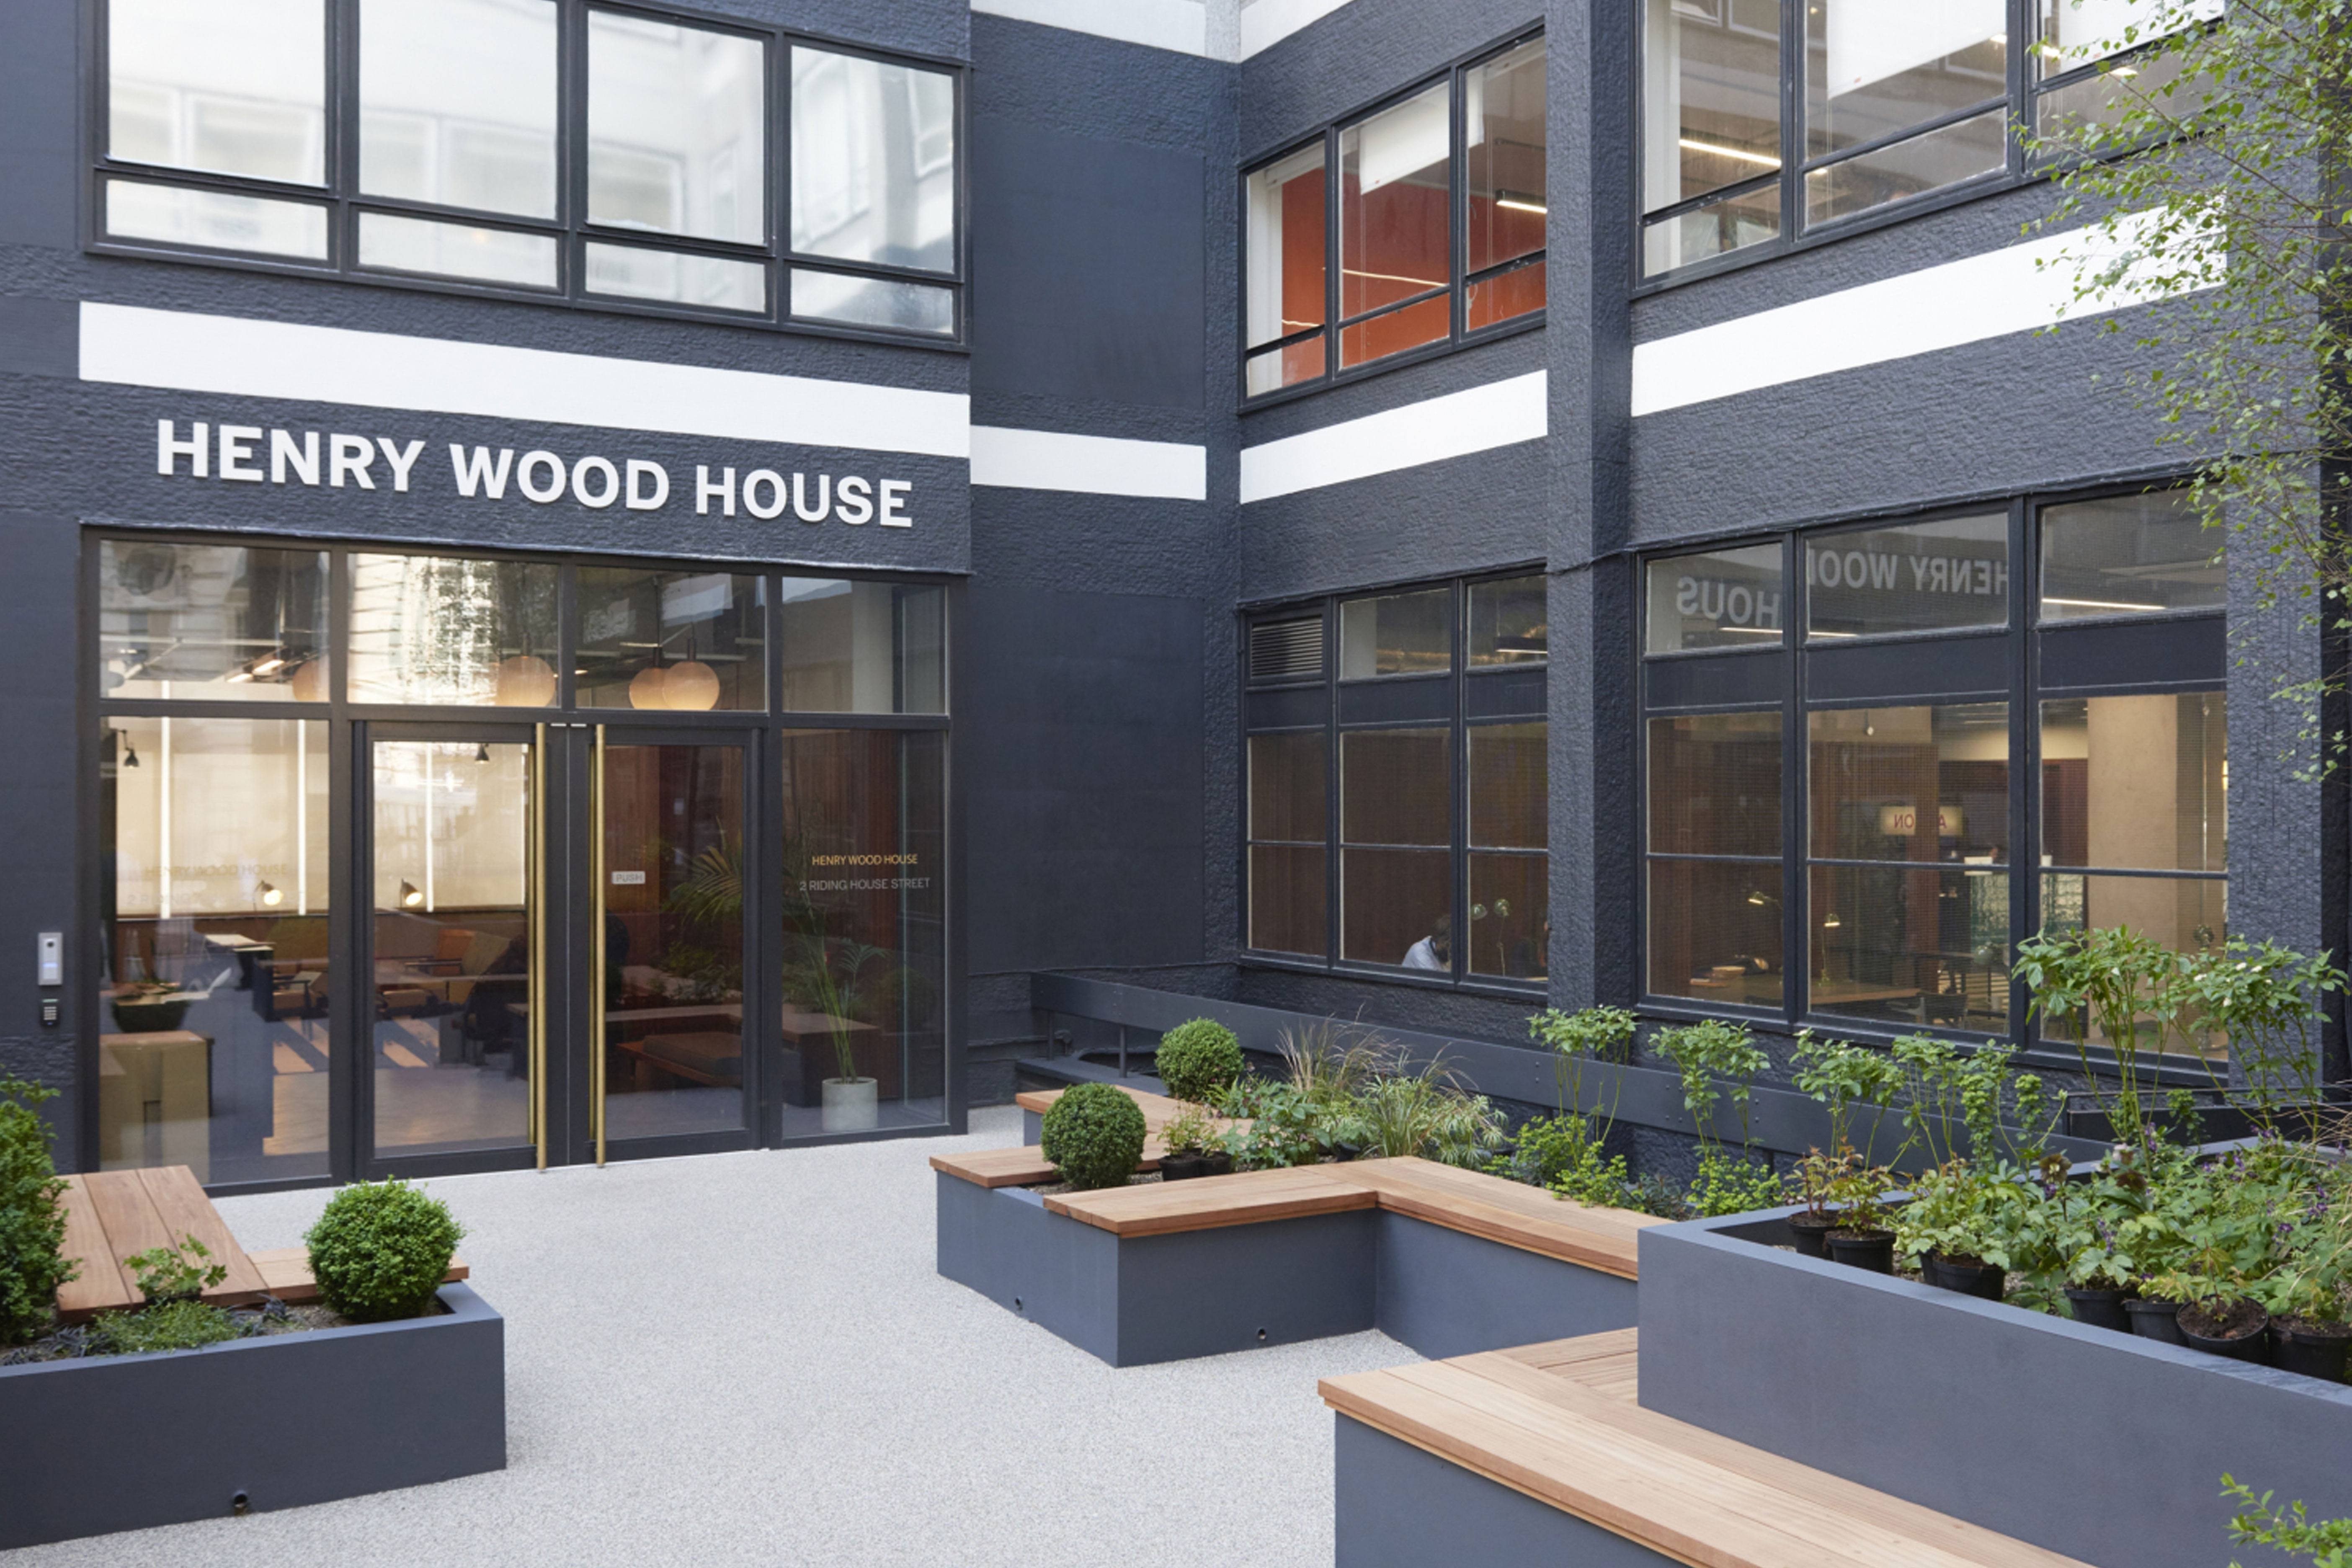 henry-wood-house-outside-001